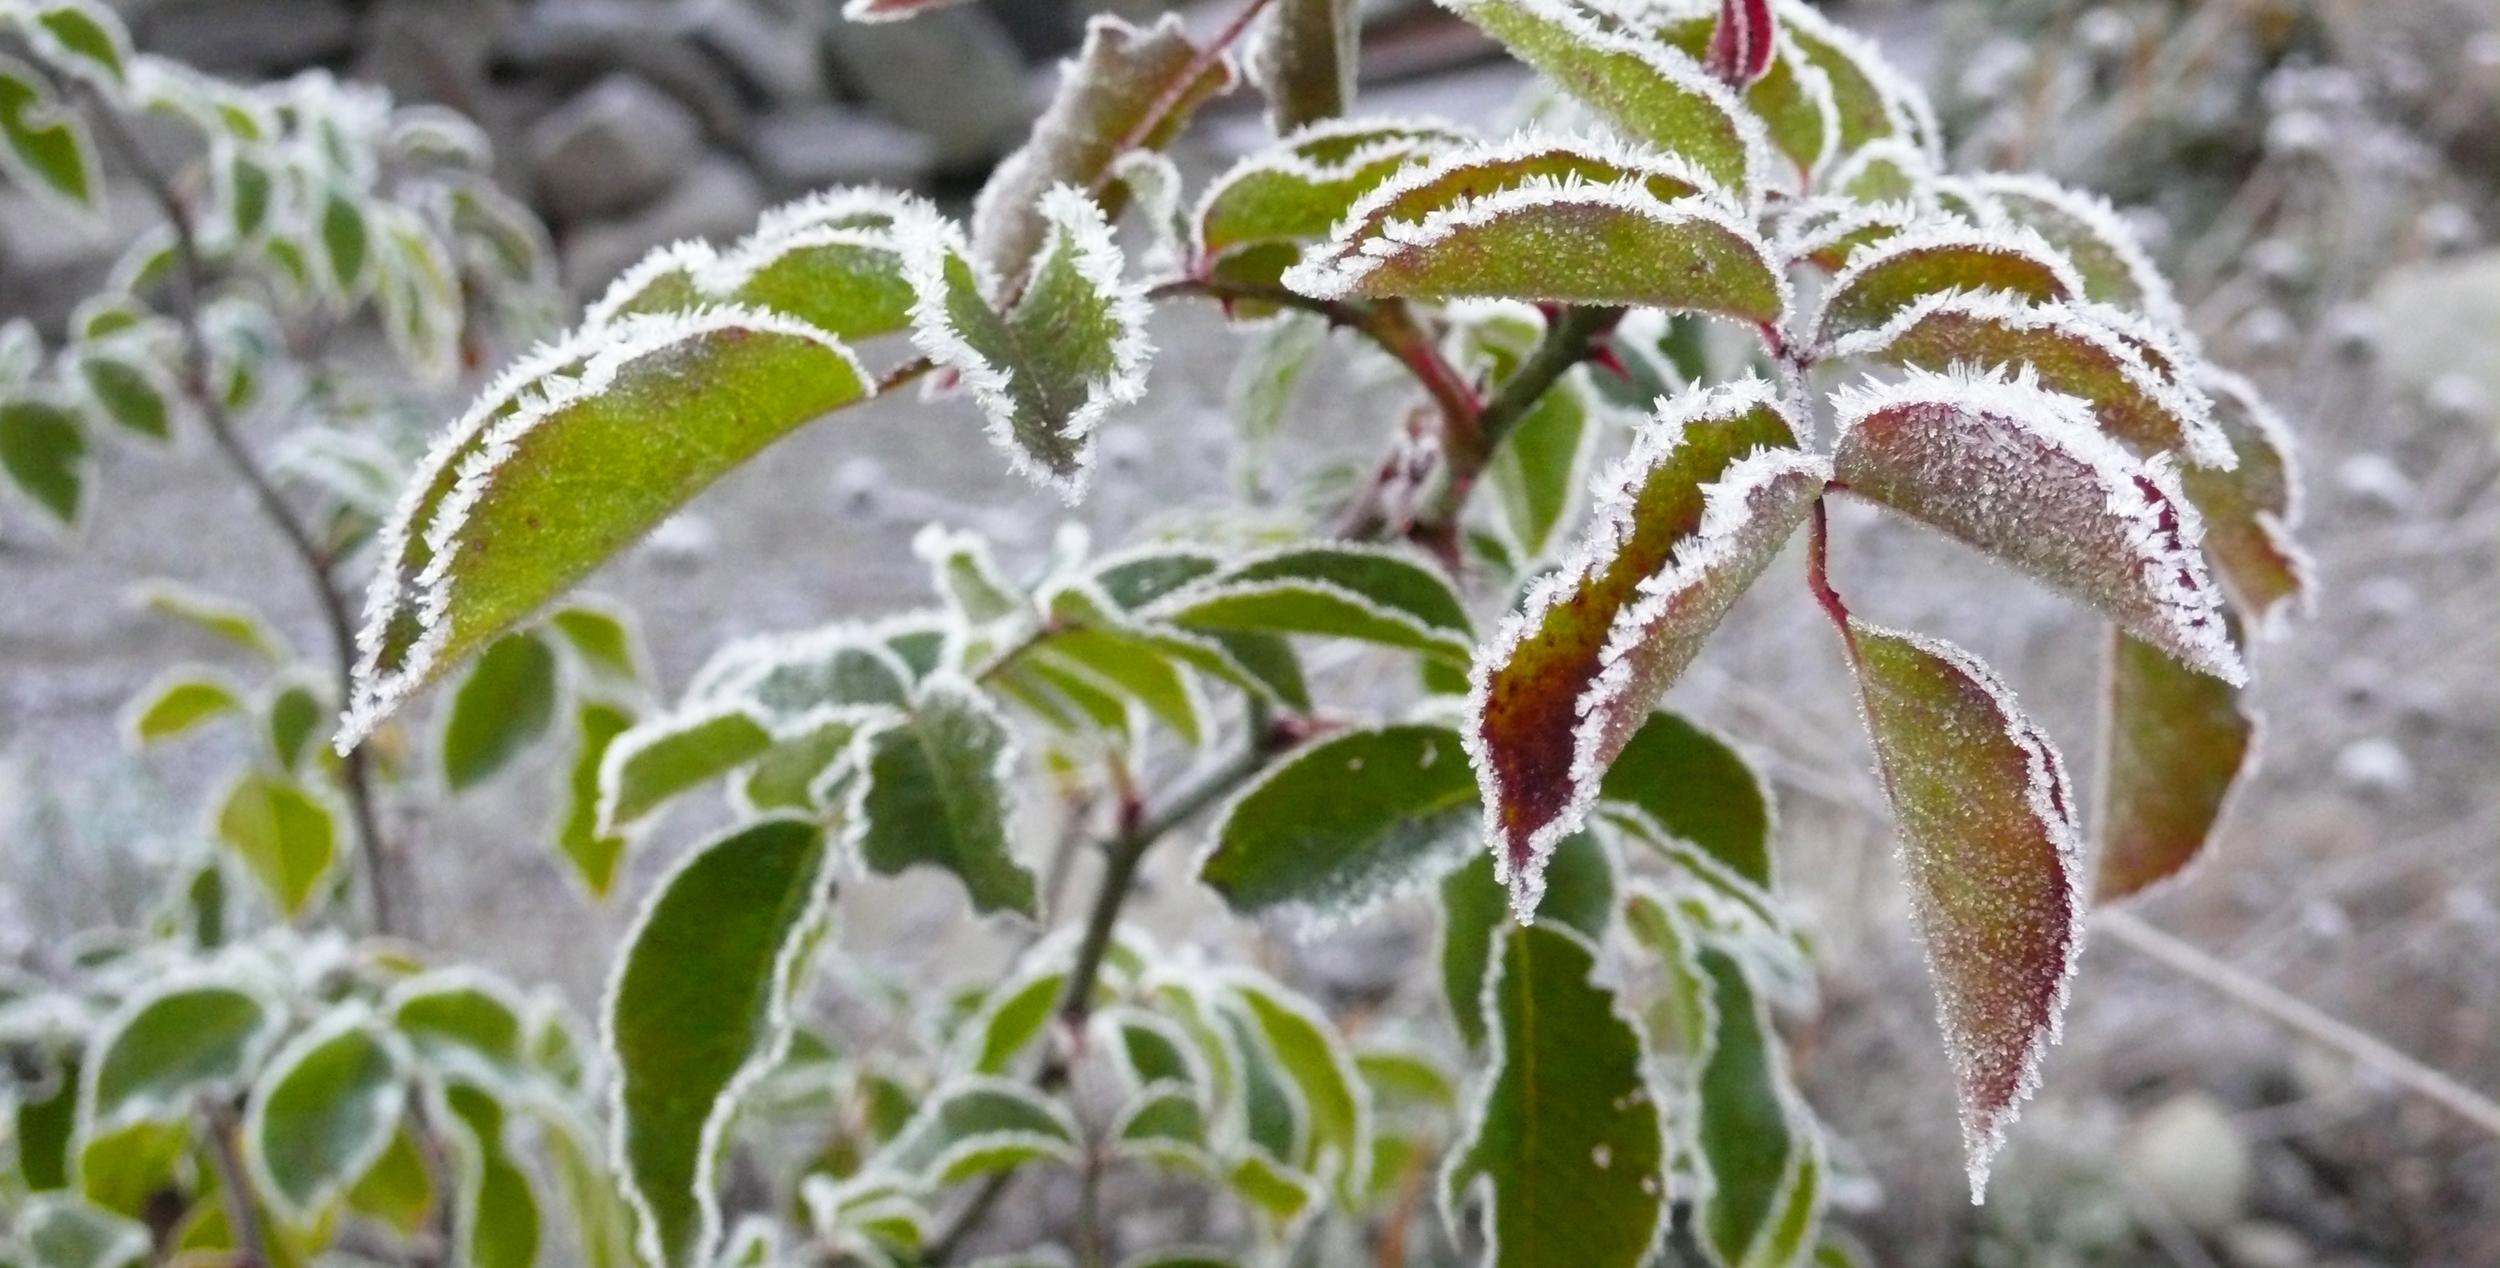 Winter_Aspekt_7_berabeitet.jpg